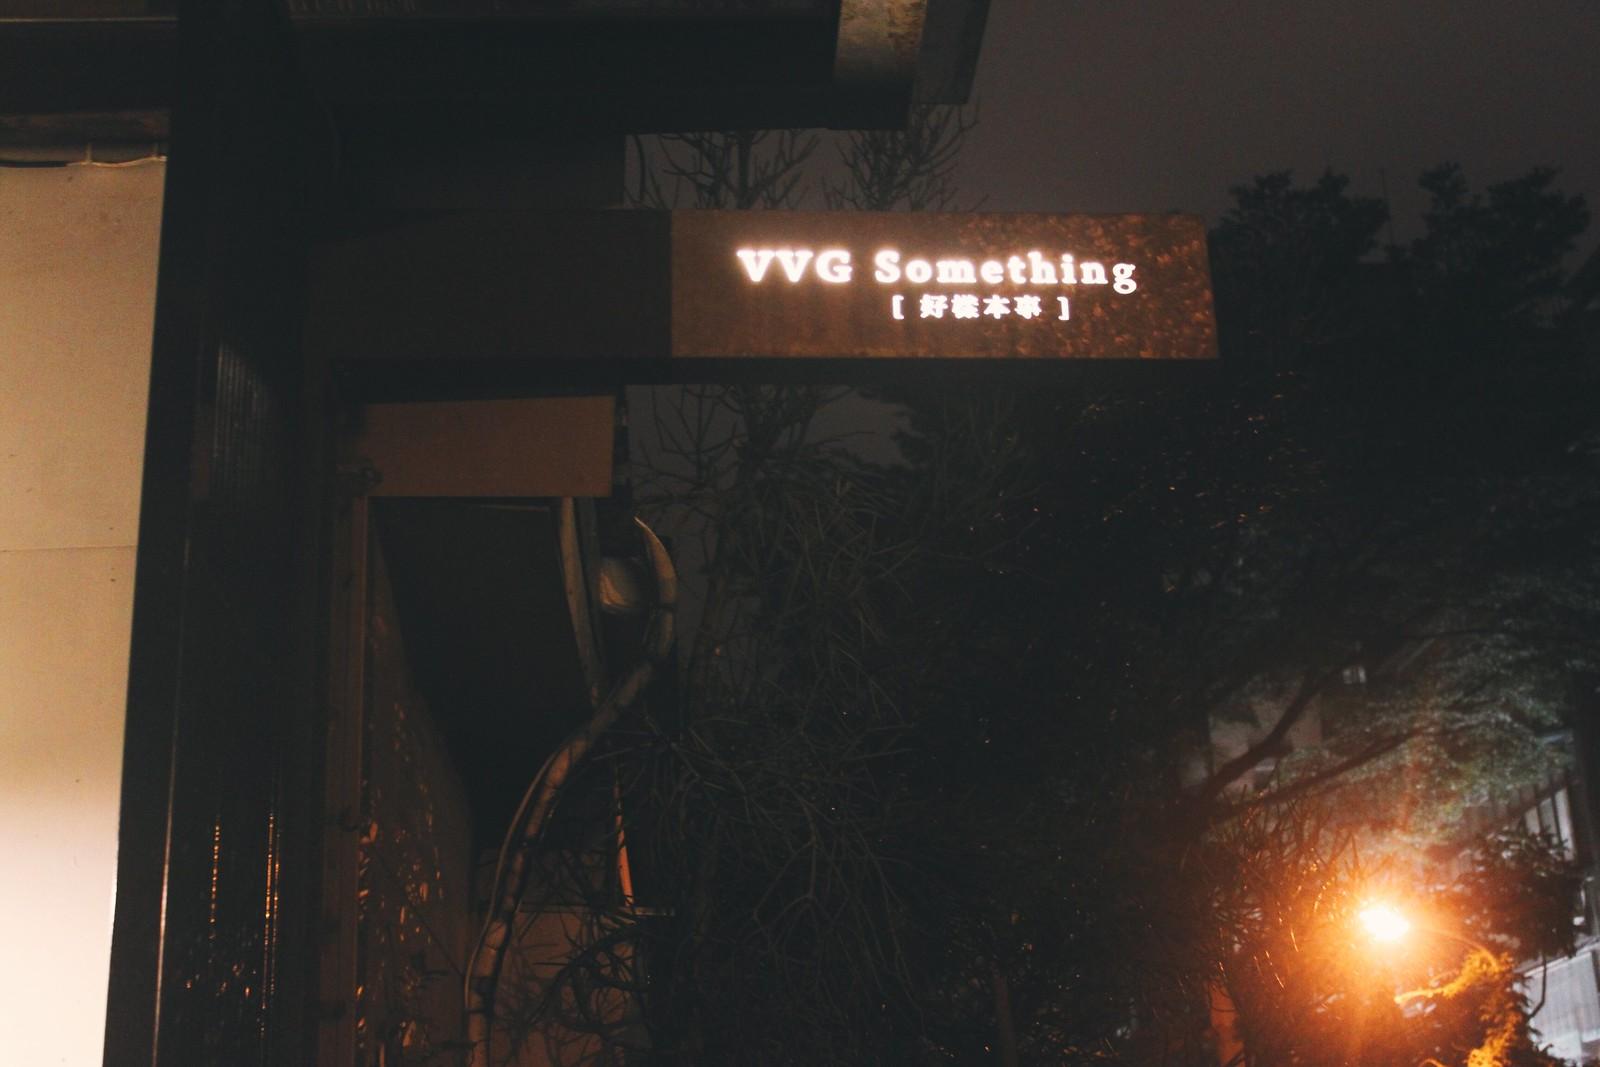 VVG Something es un lugar perfecto donde dejar pasar las horas